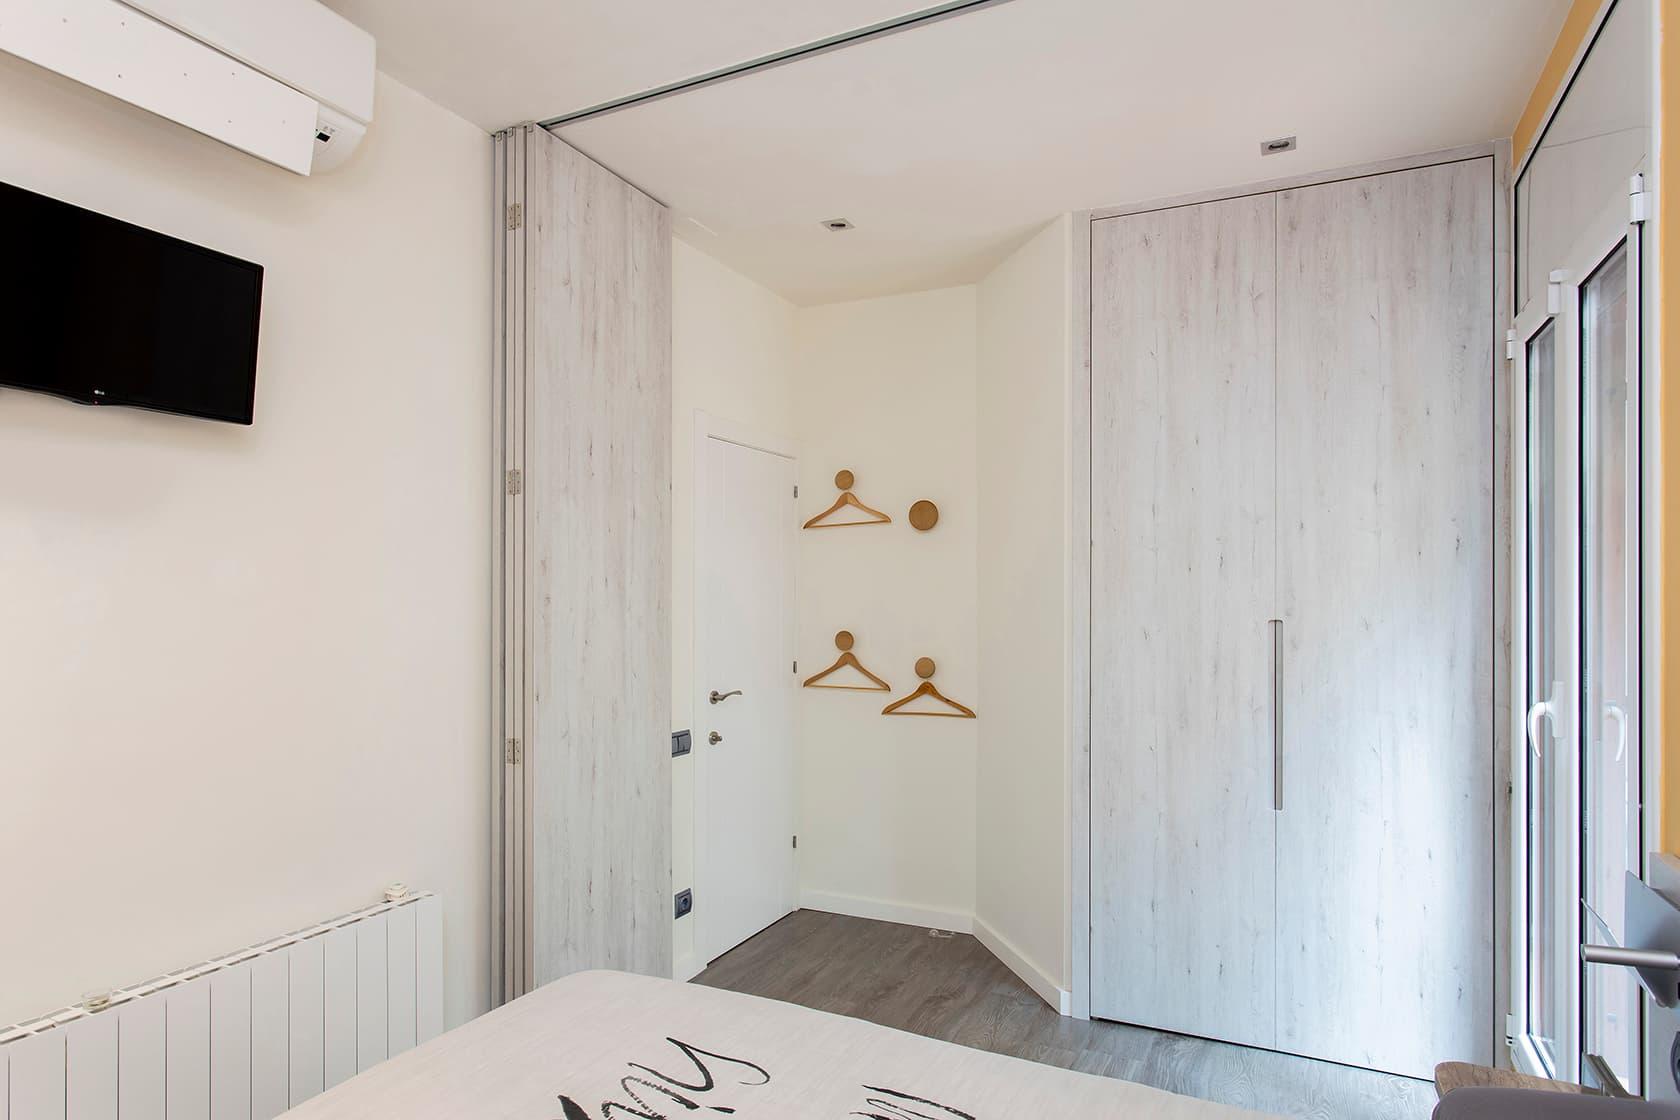 Habitación vista des de dentro con los paneles abiertos